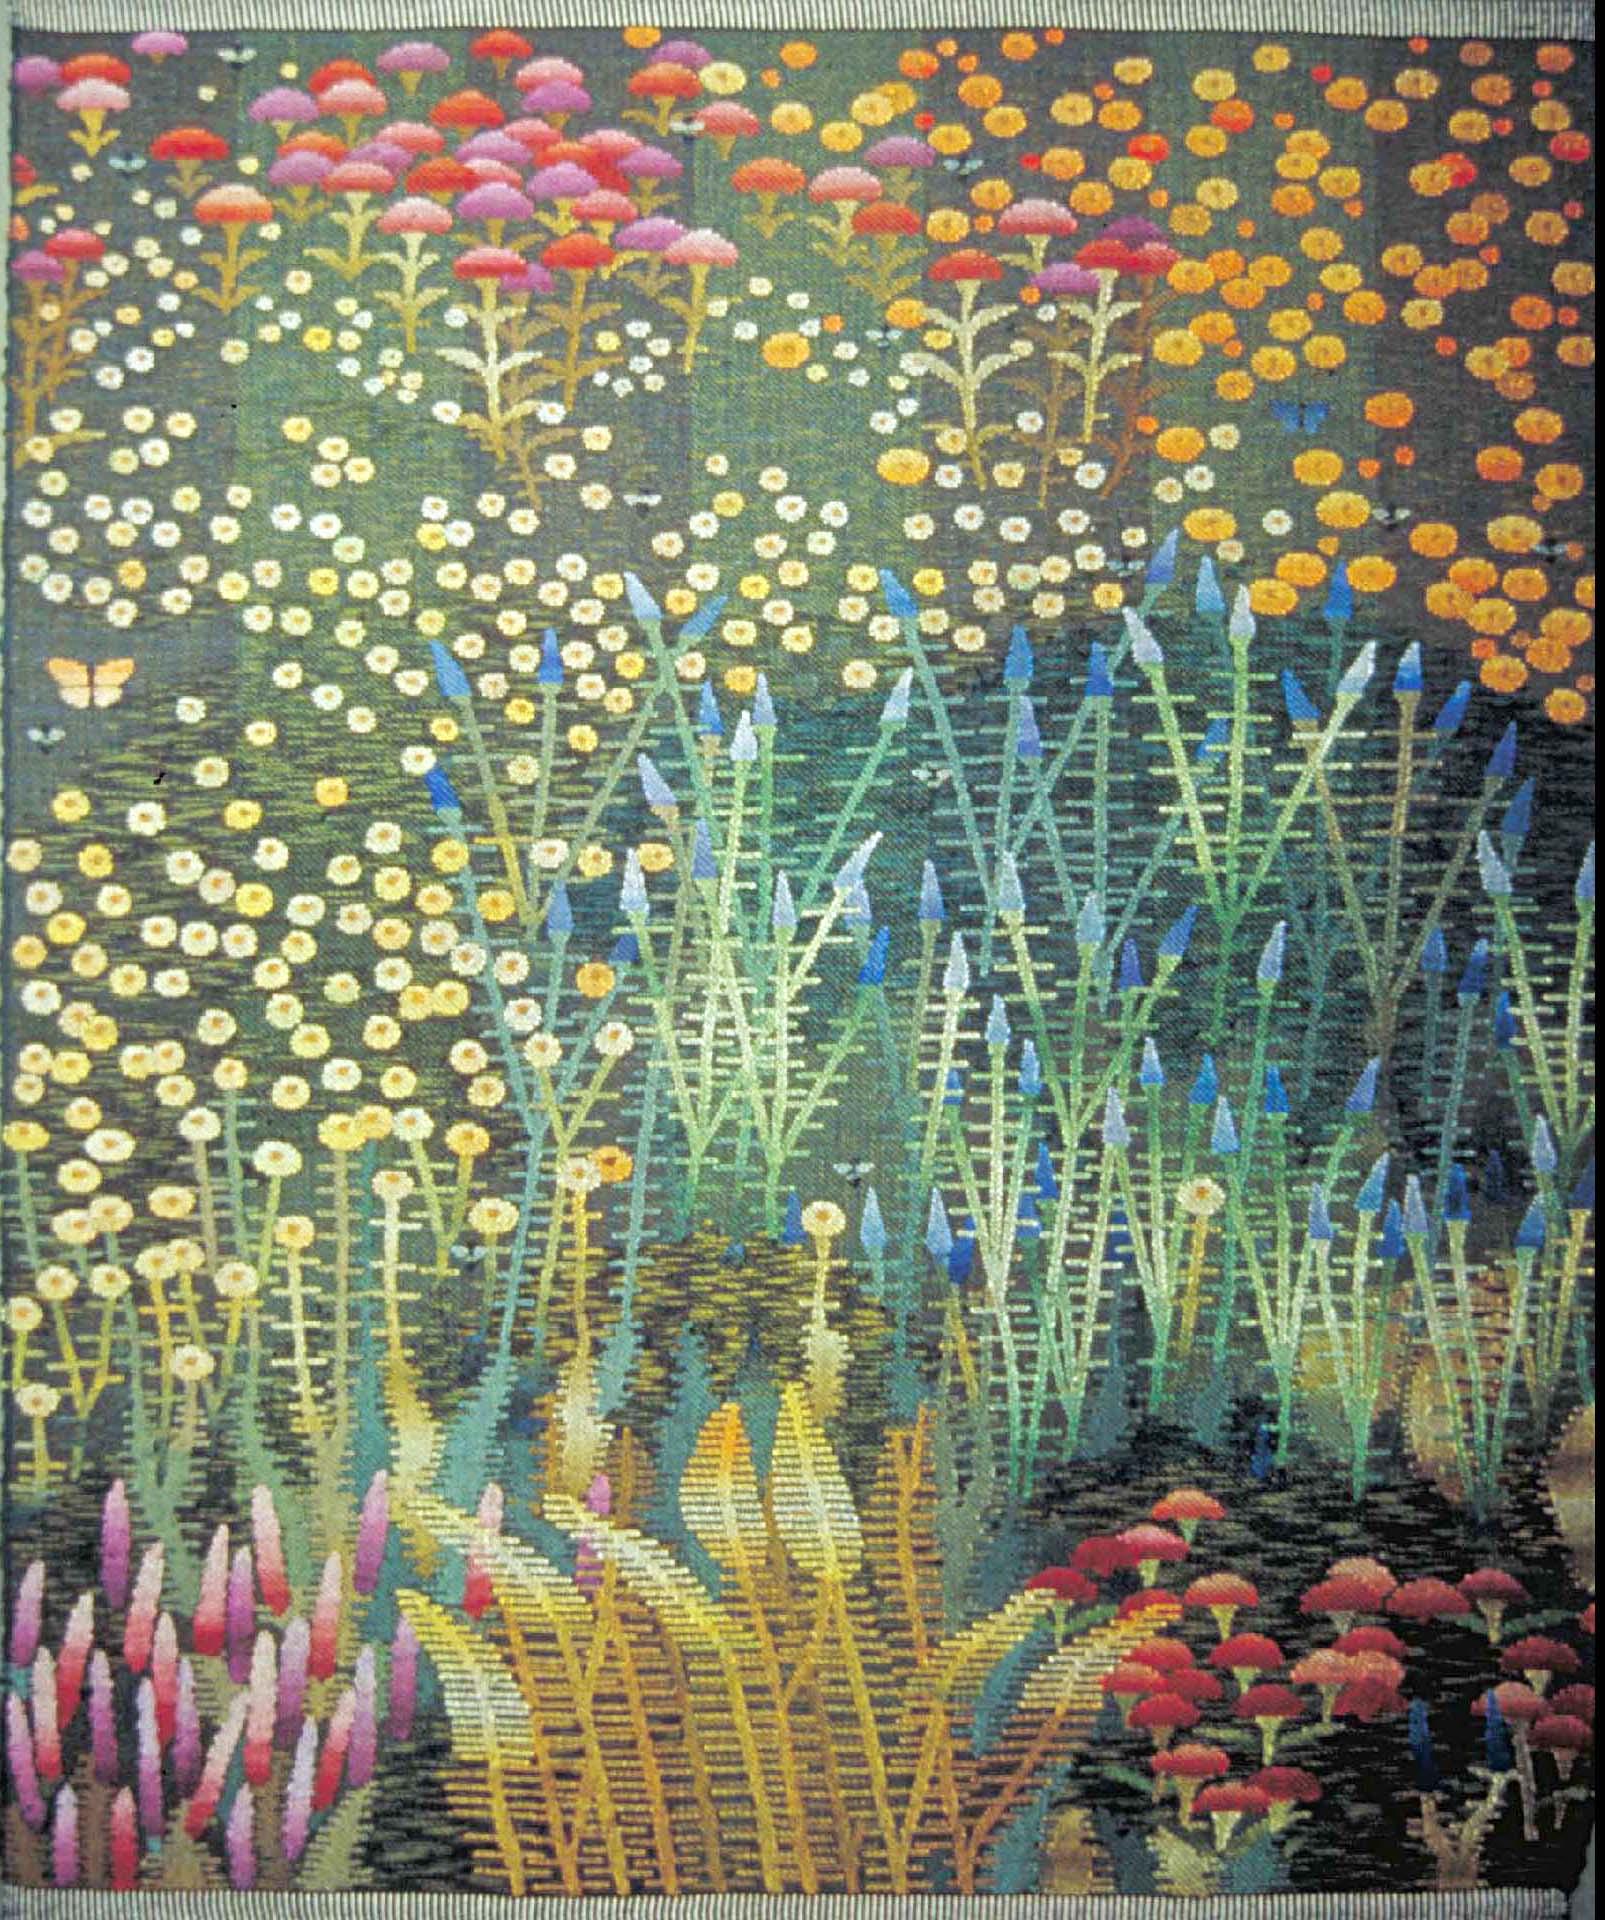 Prairie Garden, 2002.  Private client, Valparaiso IN